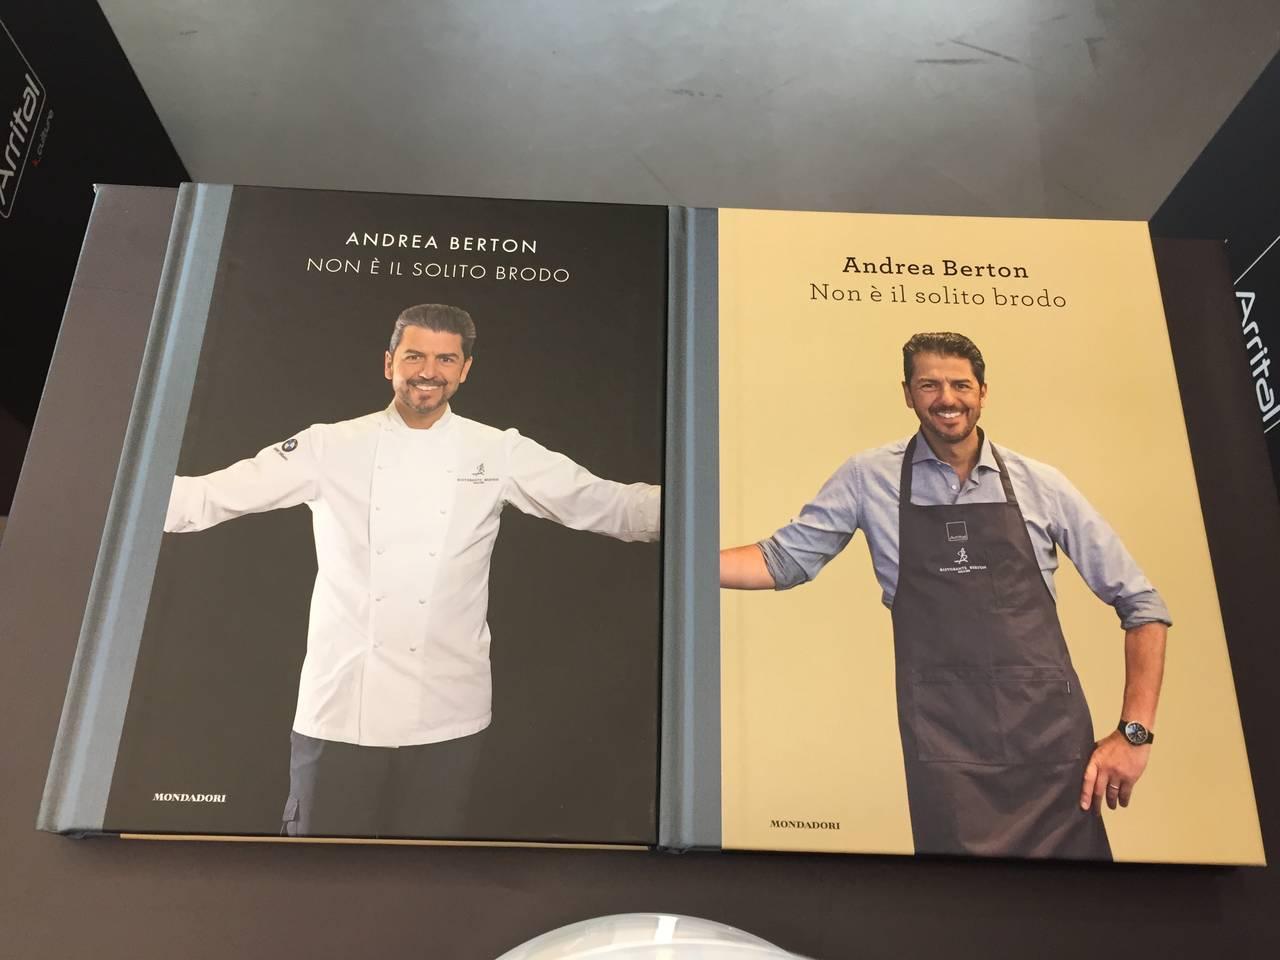 Arrital presenta il catalogo di akb 08 ambiente cucina for Non e il solito brodo